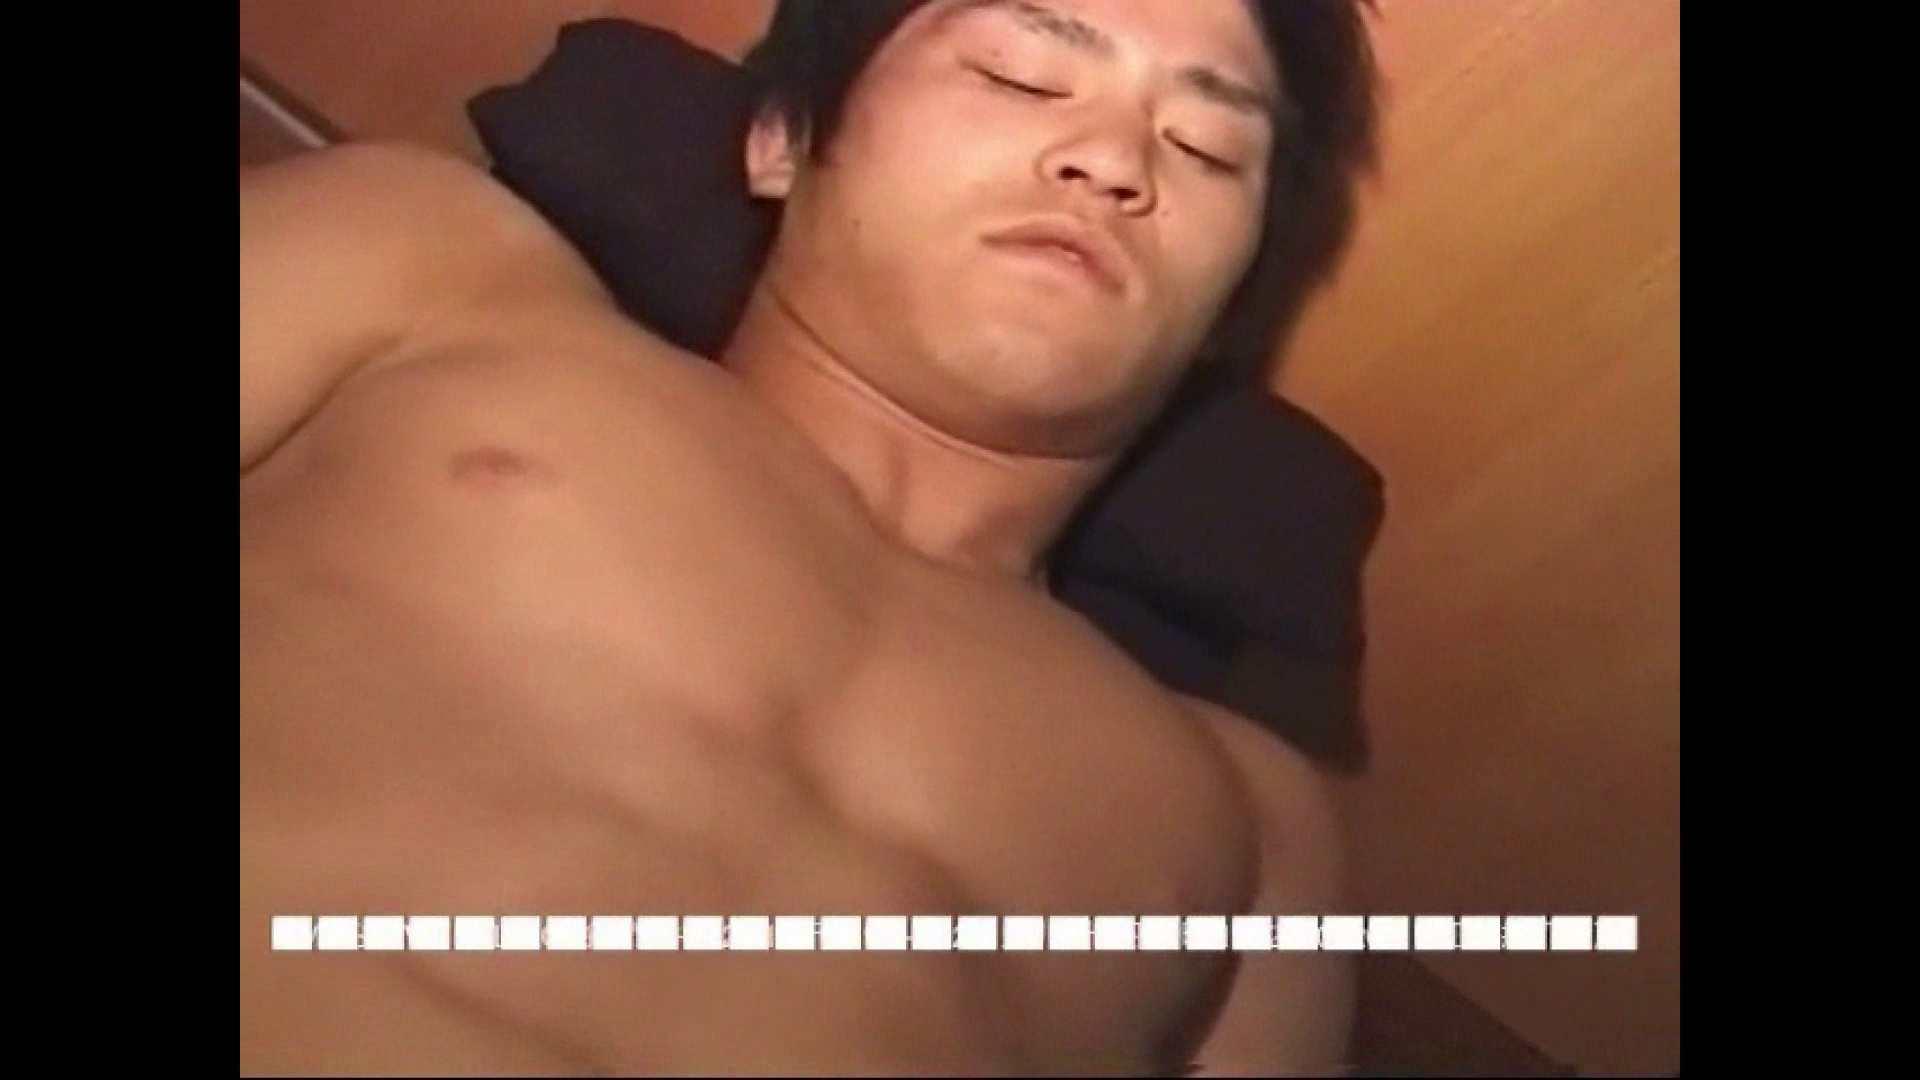 オナれ!集まれ!イケてるメンズ達!!File.04 フェチ ゲイエロ動画 111枚 97